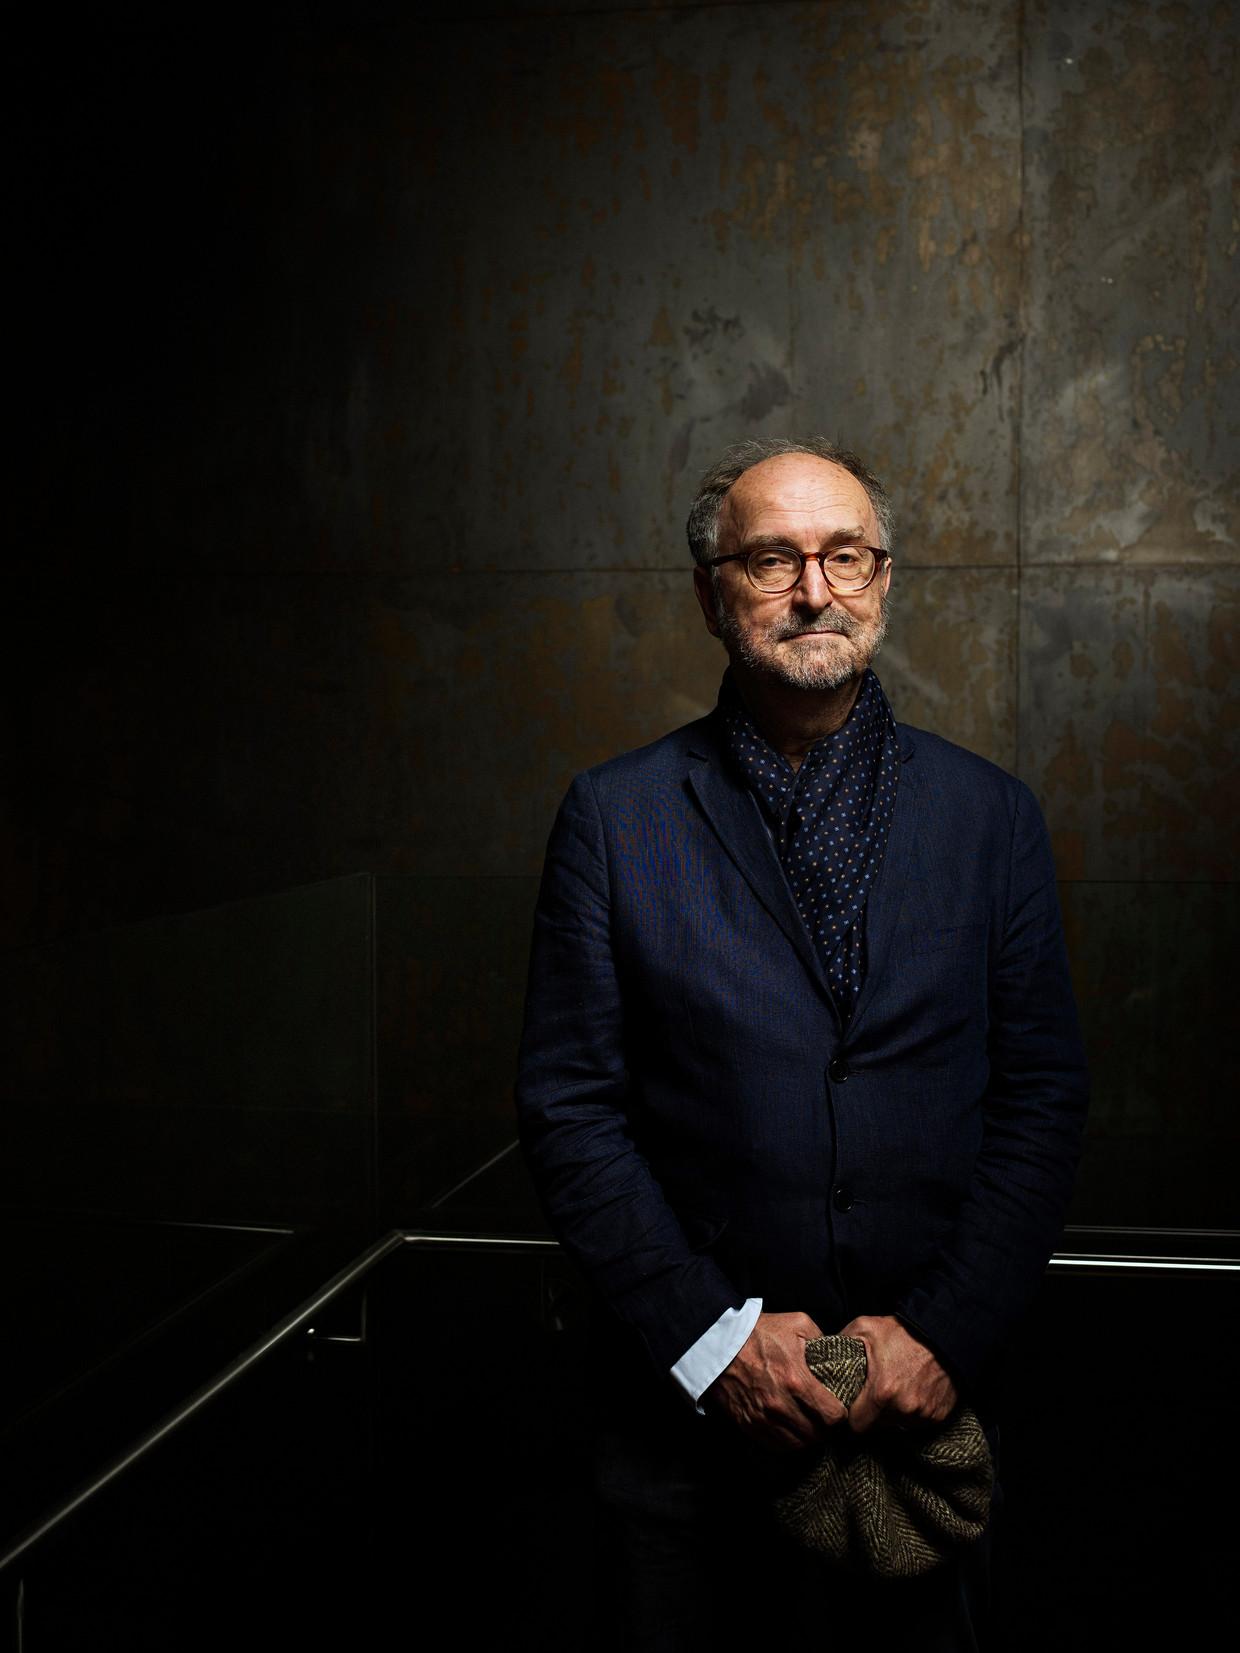 Hoogleraar Paul Cliteur mengt zich al sinds de eeuwwisseling in het publieke debat. Beeld Roger Cremers/Lumen